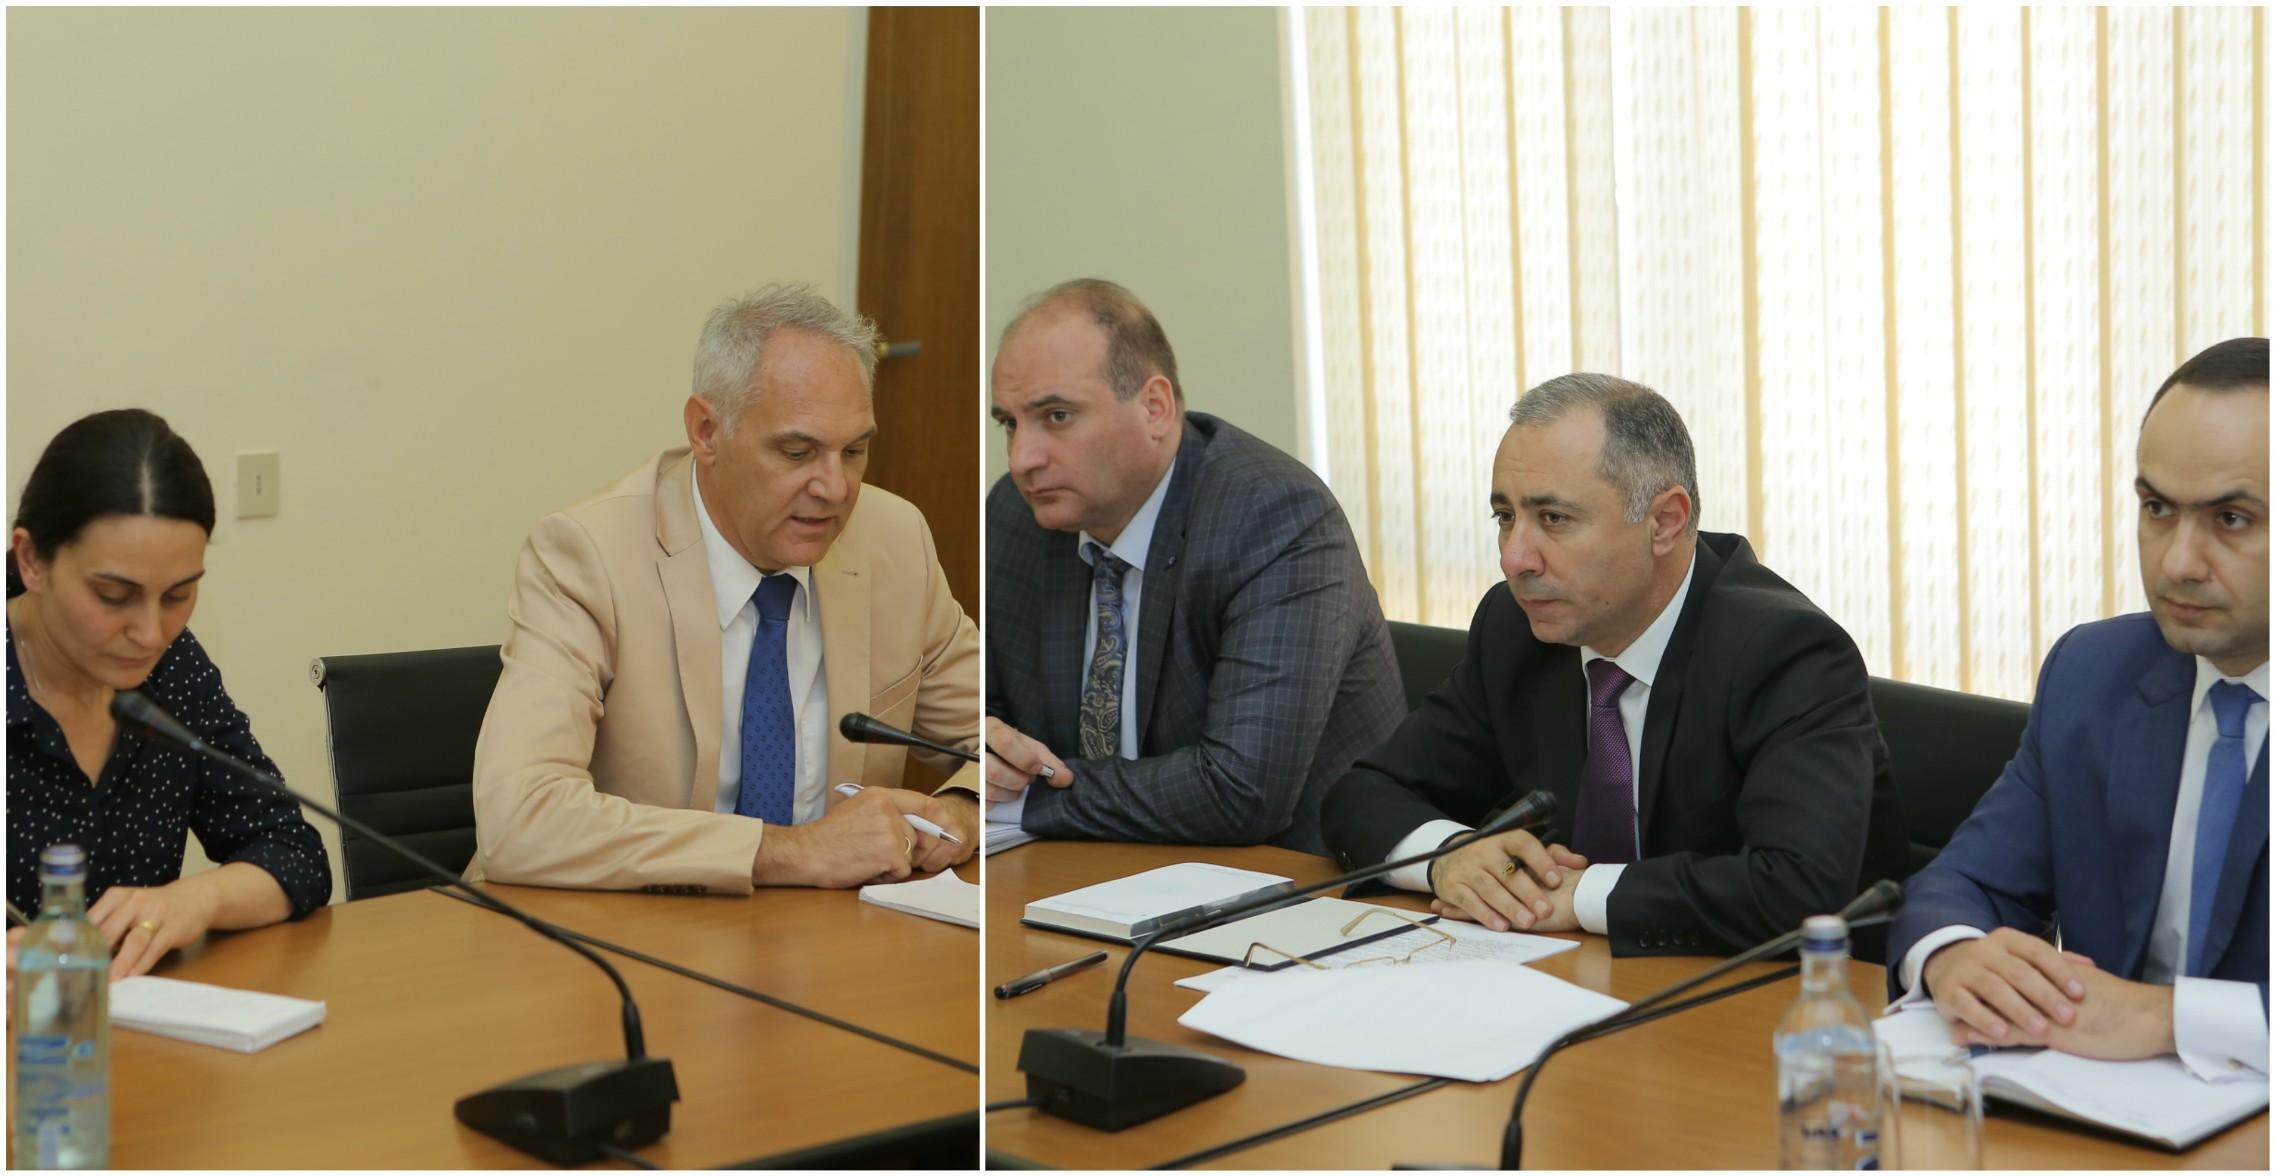 Գերմանիան կարեւորել է Հայաստան-Վրաստան բարձրավոլտ էլեկտրահաղորդման գծի կառուցման ծրագիրը